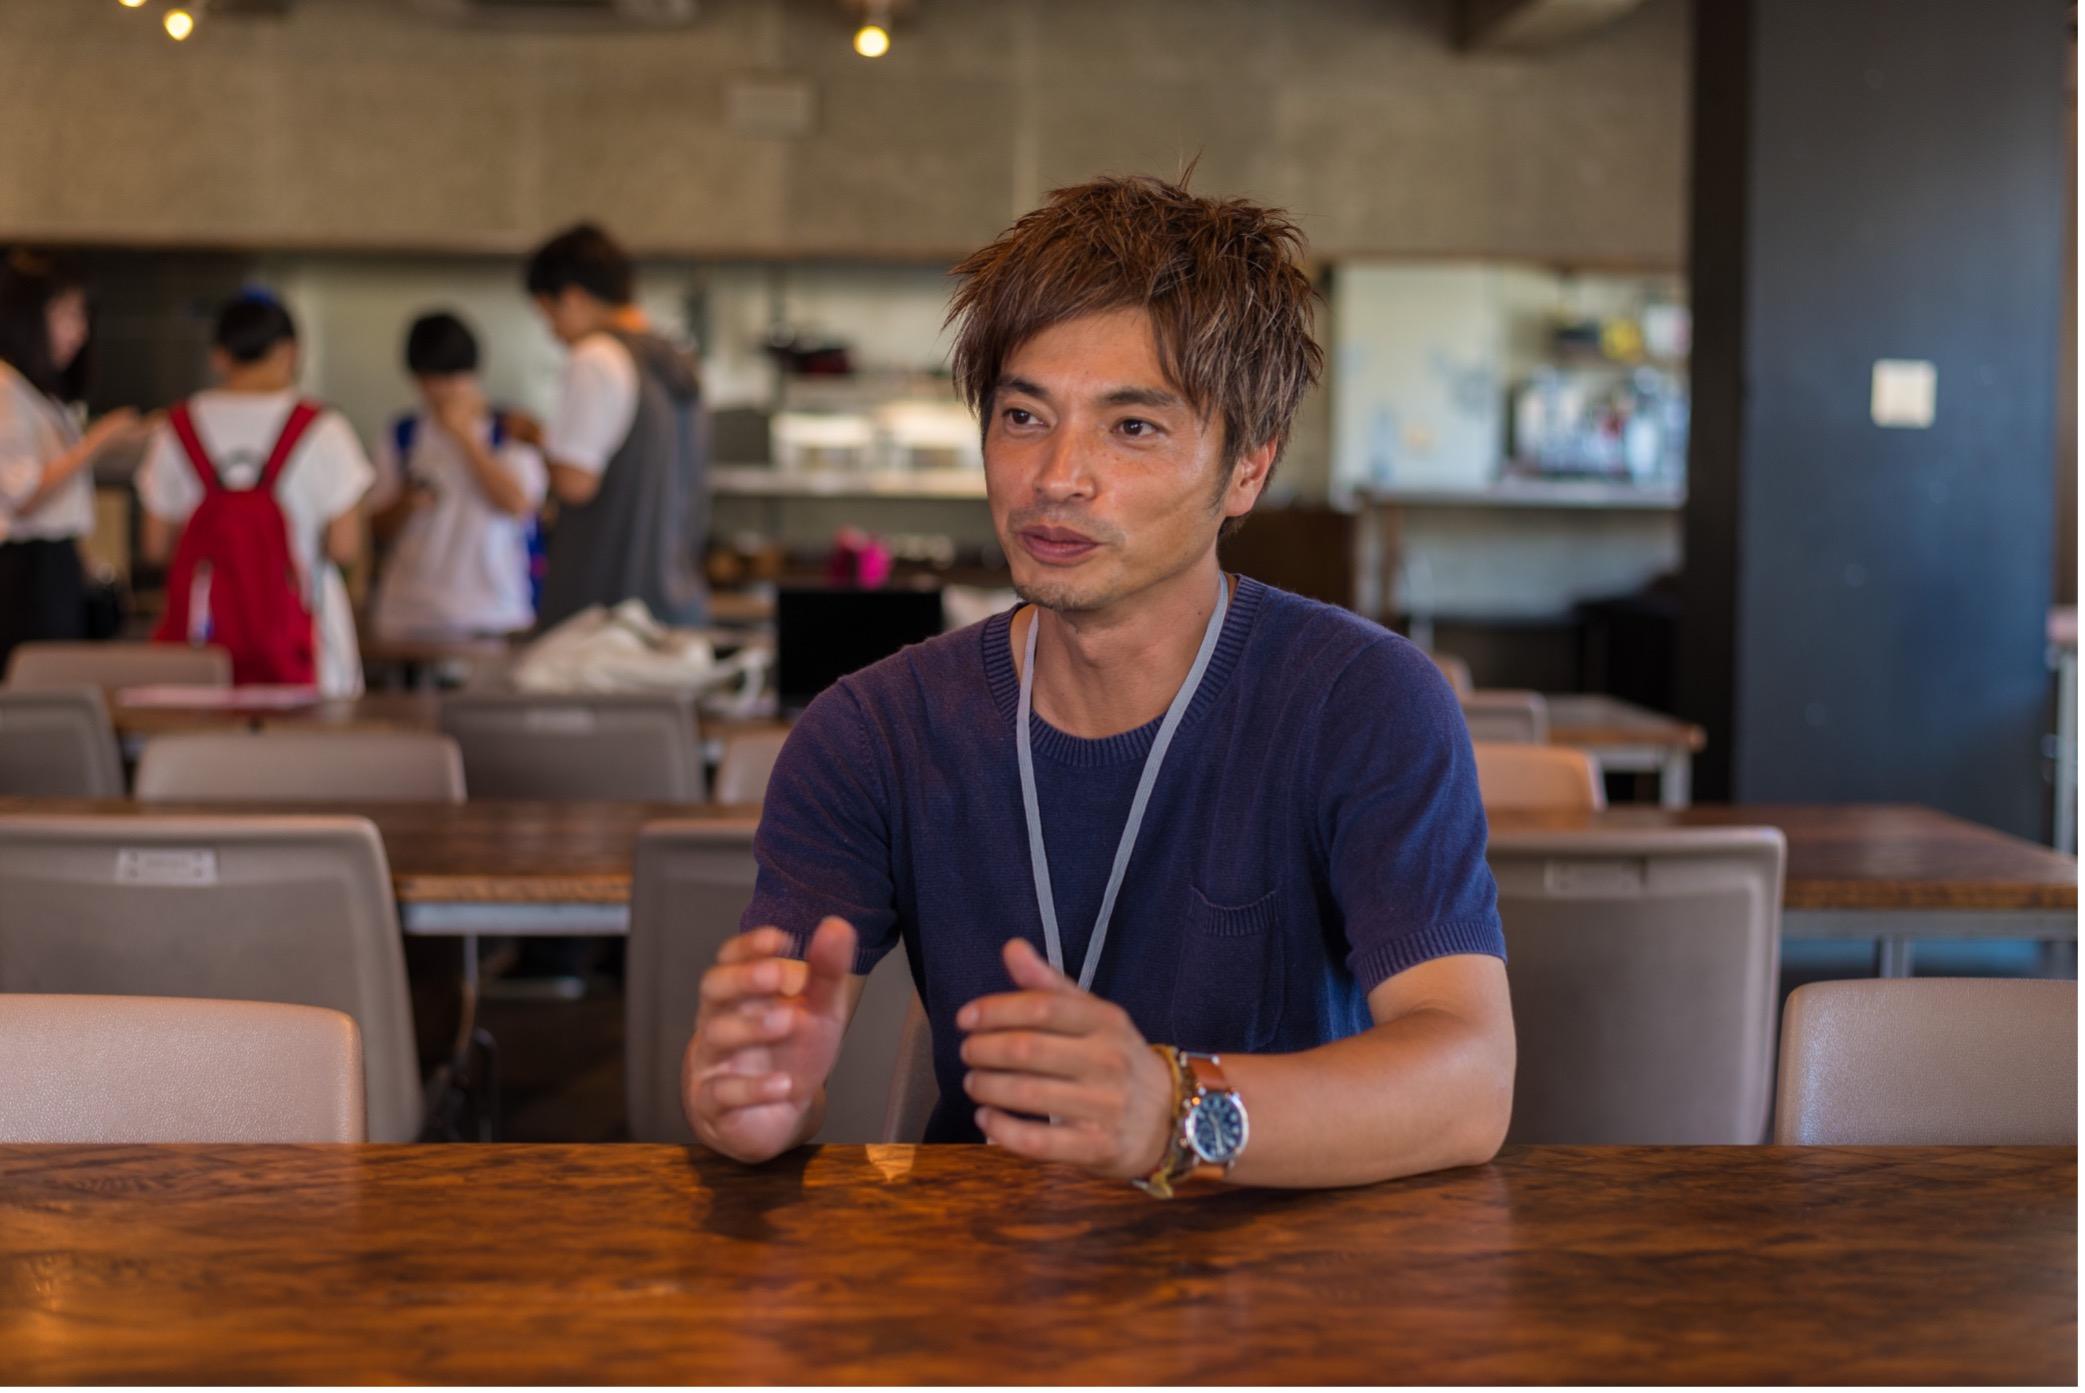 都会のテレビ制作者の苦境と地方の衰退、二つの課題を解く鍵「大山モデル」:後編〜脇浜紀子氏寄稿〜